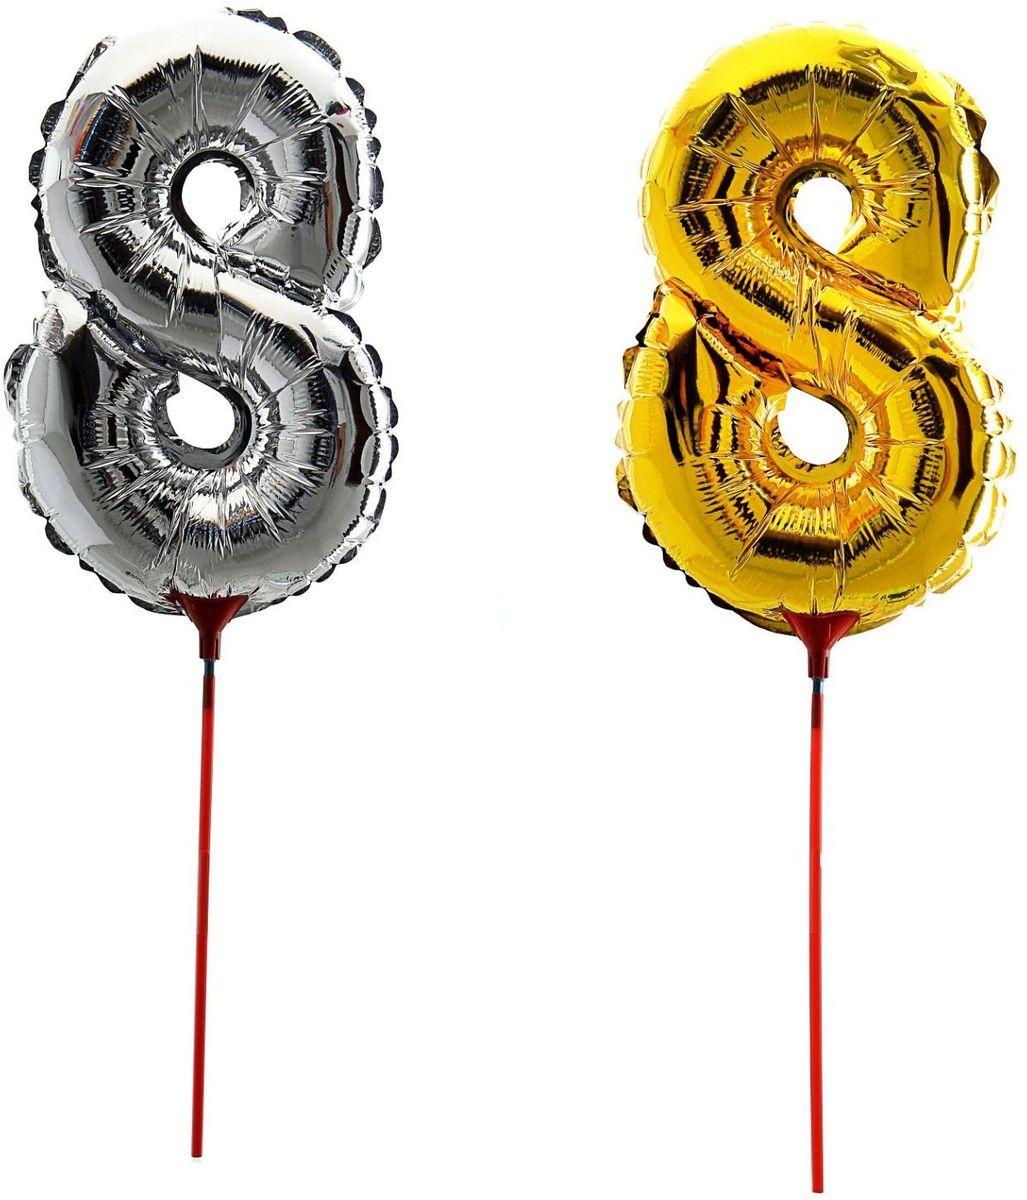 Sima-land Воздушный шарик 8 14 Трубочка 1 цвет серебро фонарь ручной huanggang цвет черный 1044830